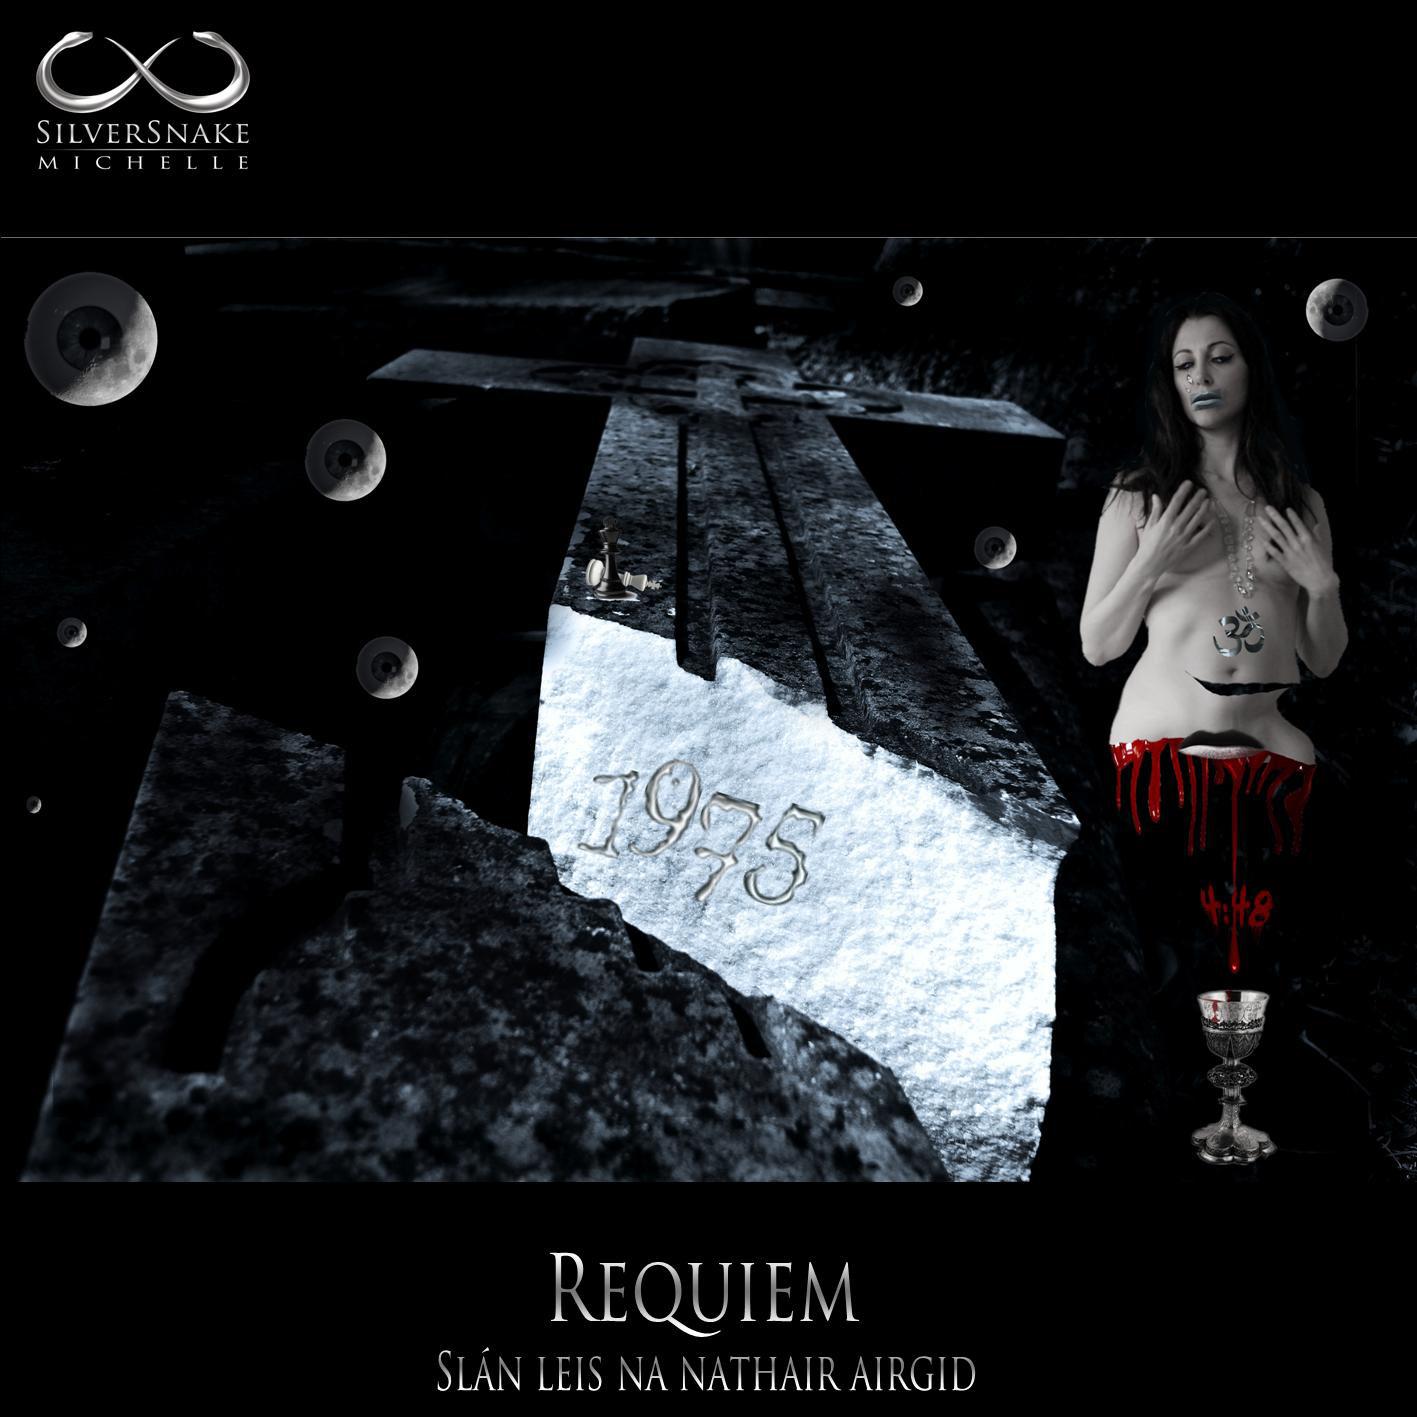 Silversnake Michelle Requiem